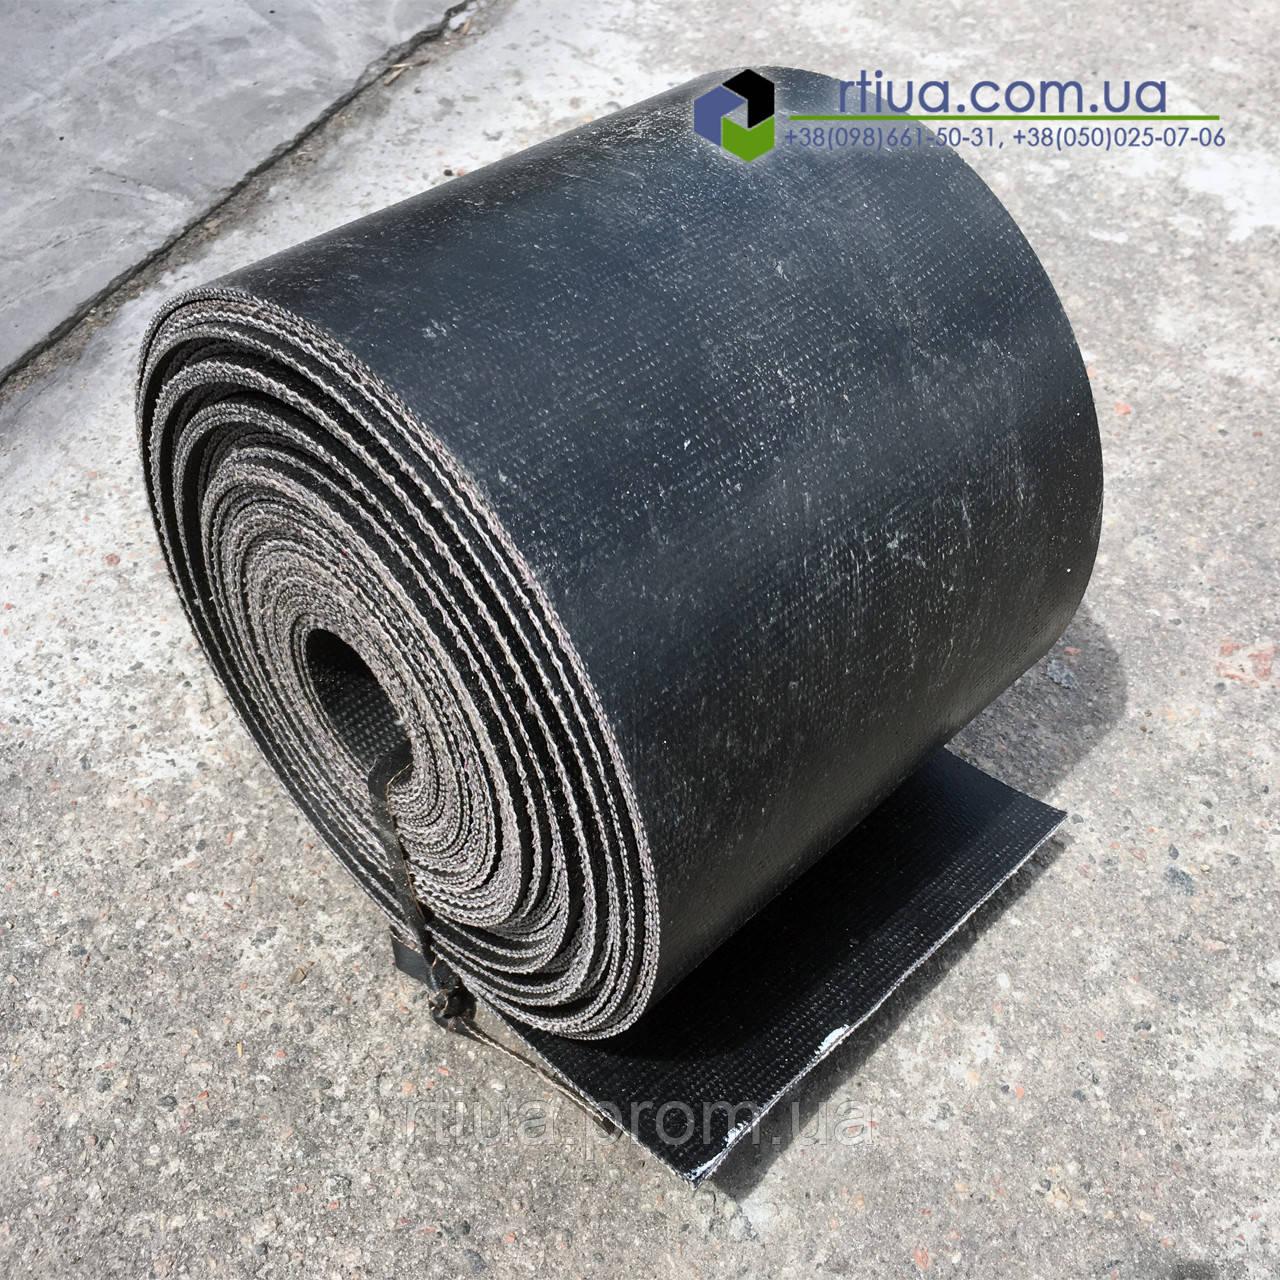 Транспортерная лента БКНЛ, 100х3 мм